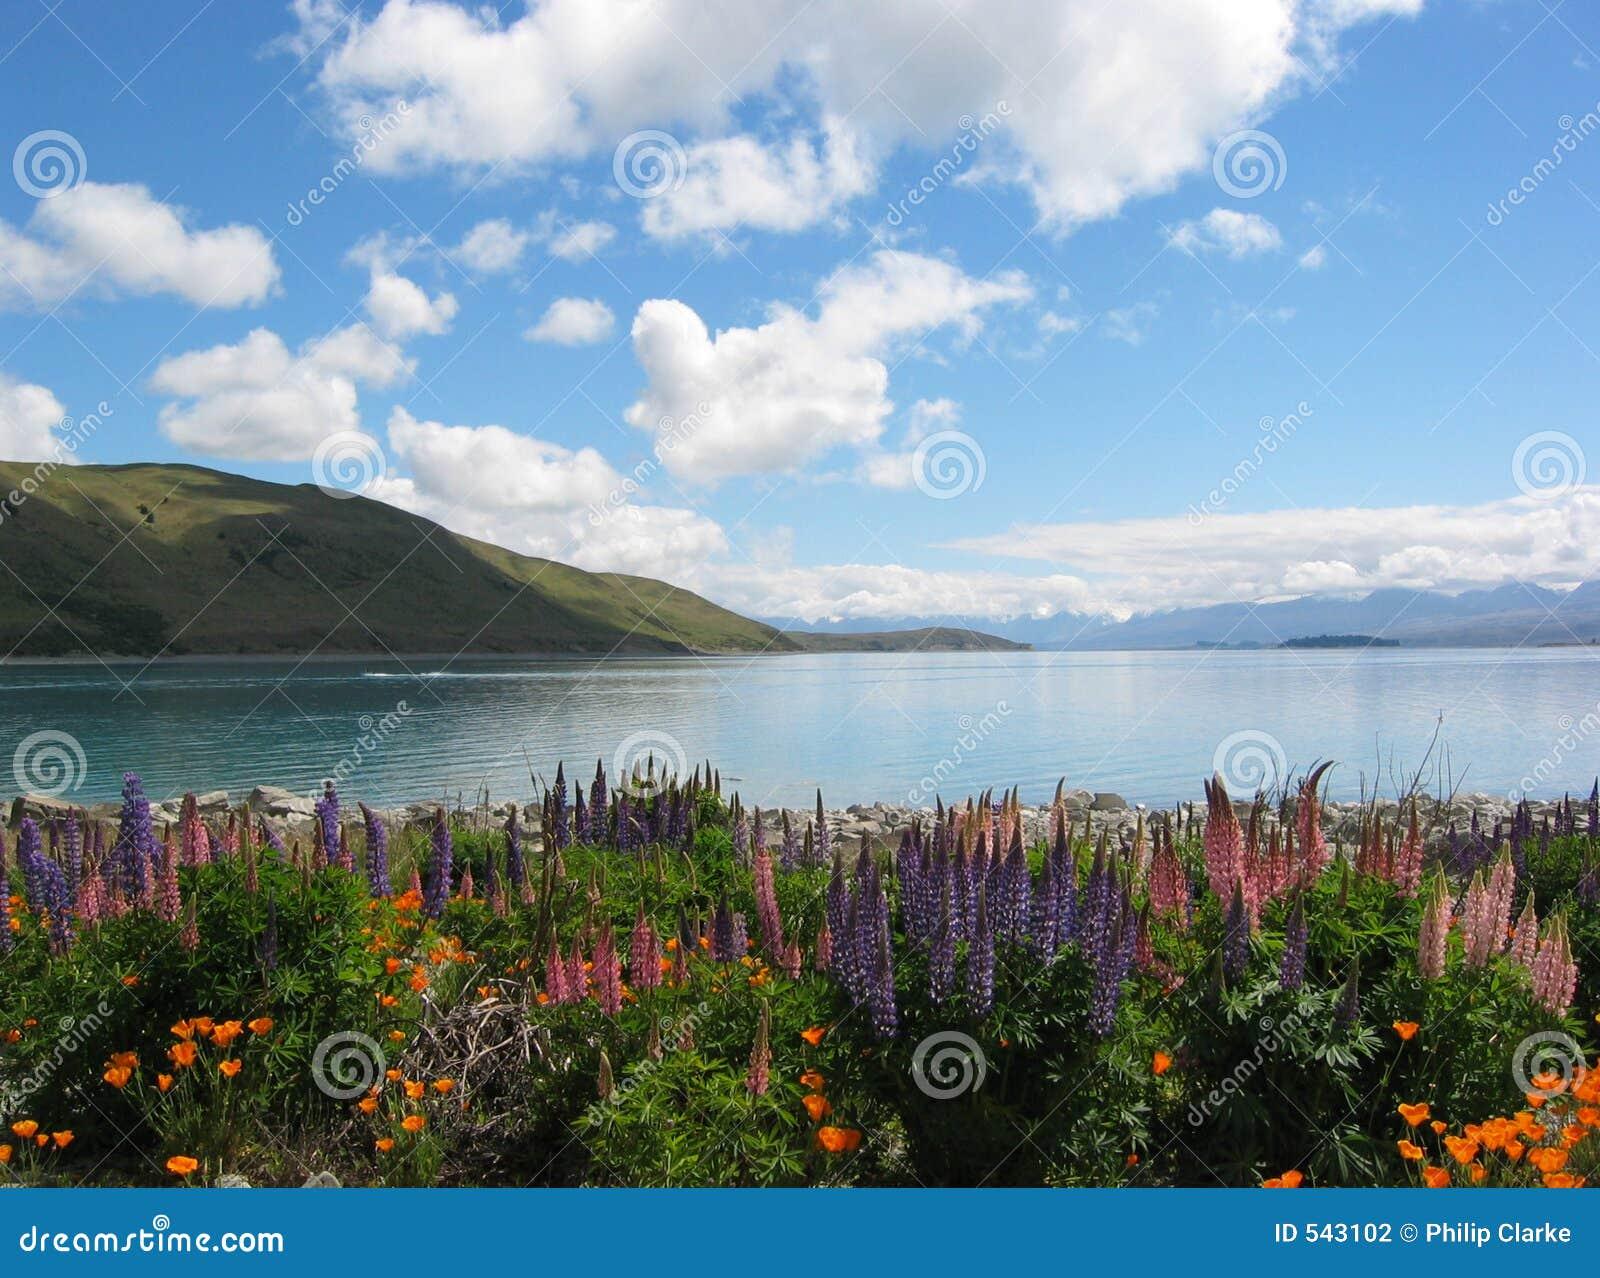 Flores em torno de um lago